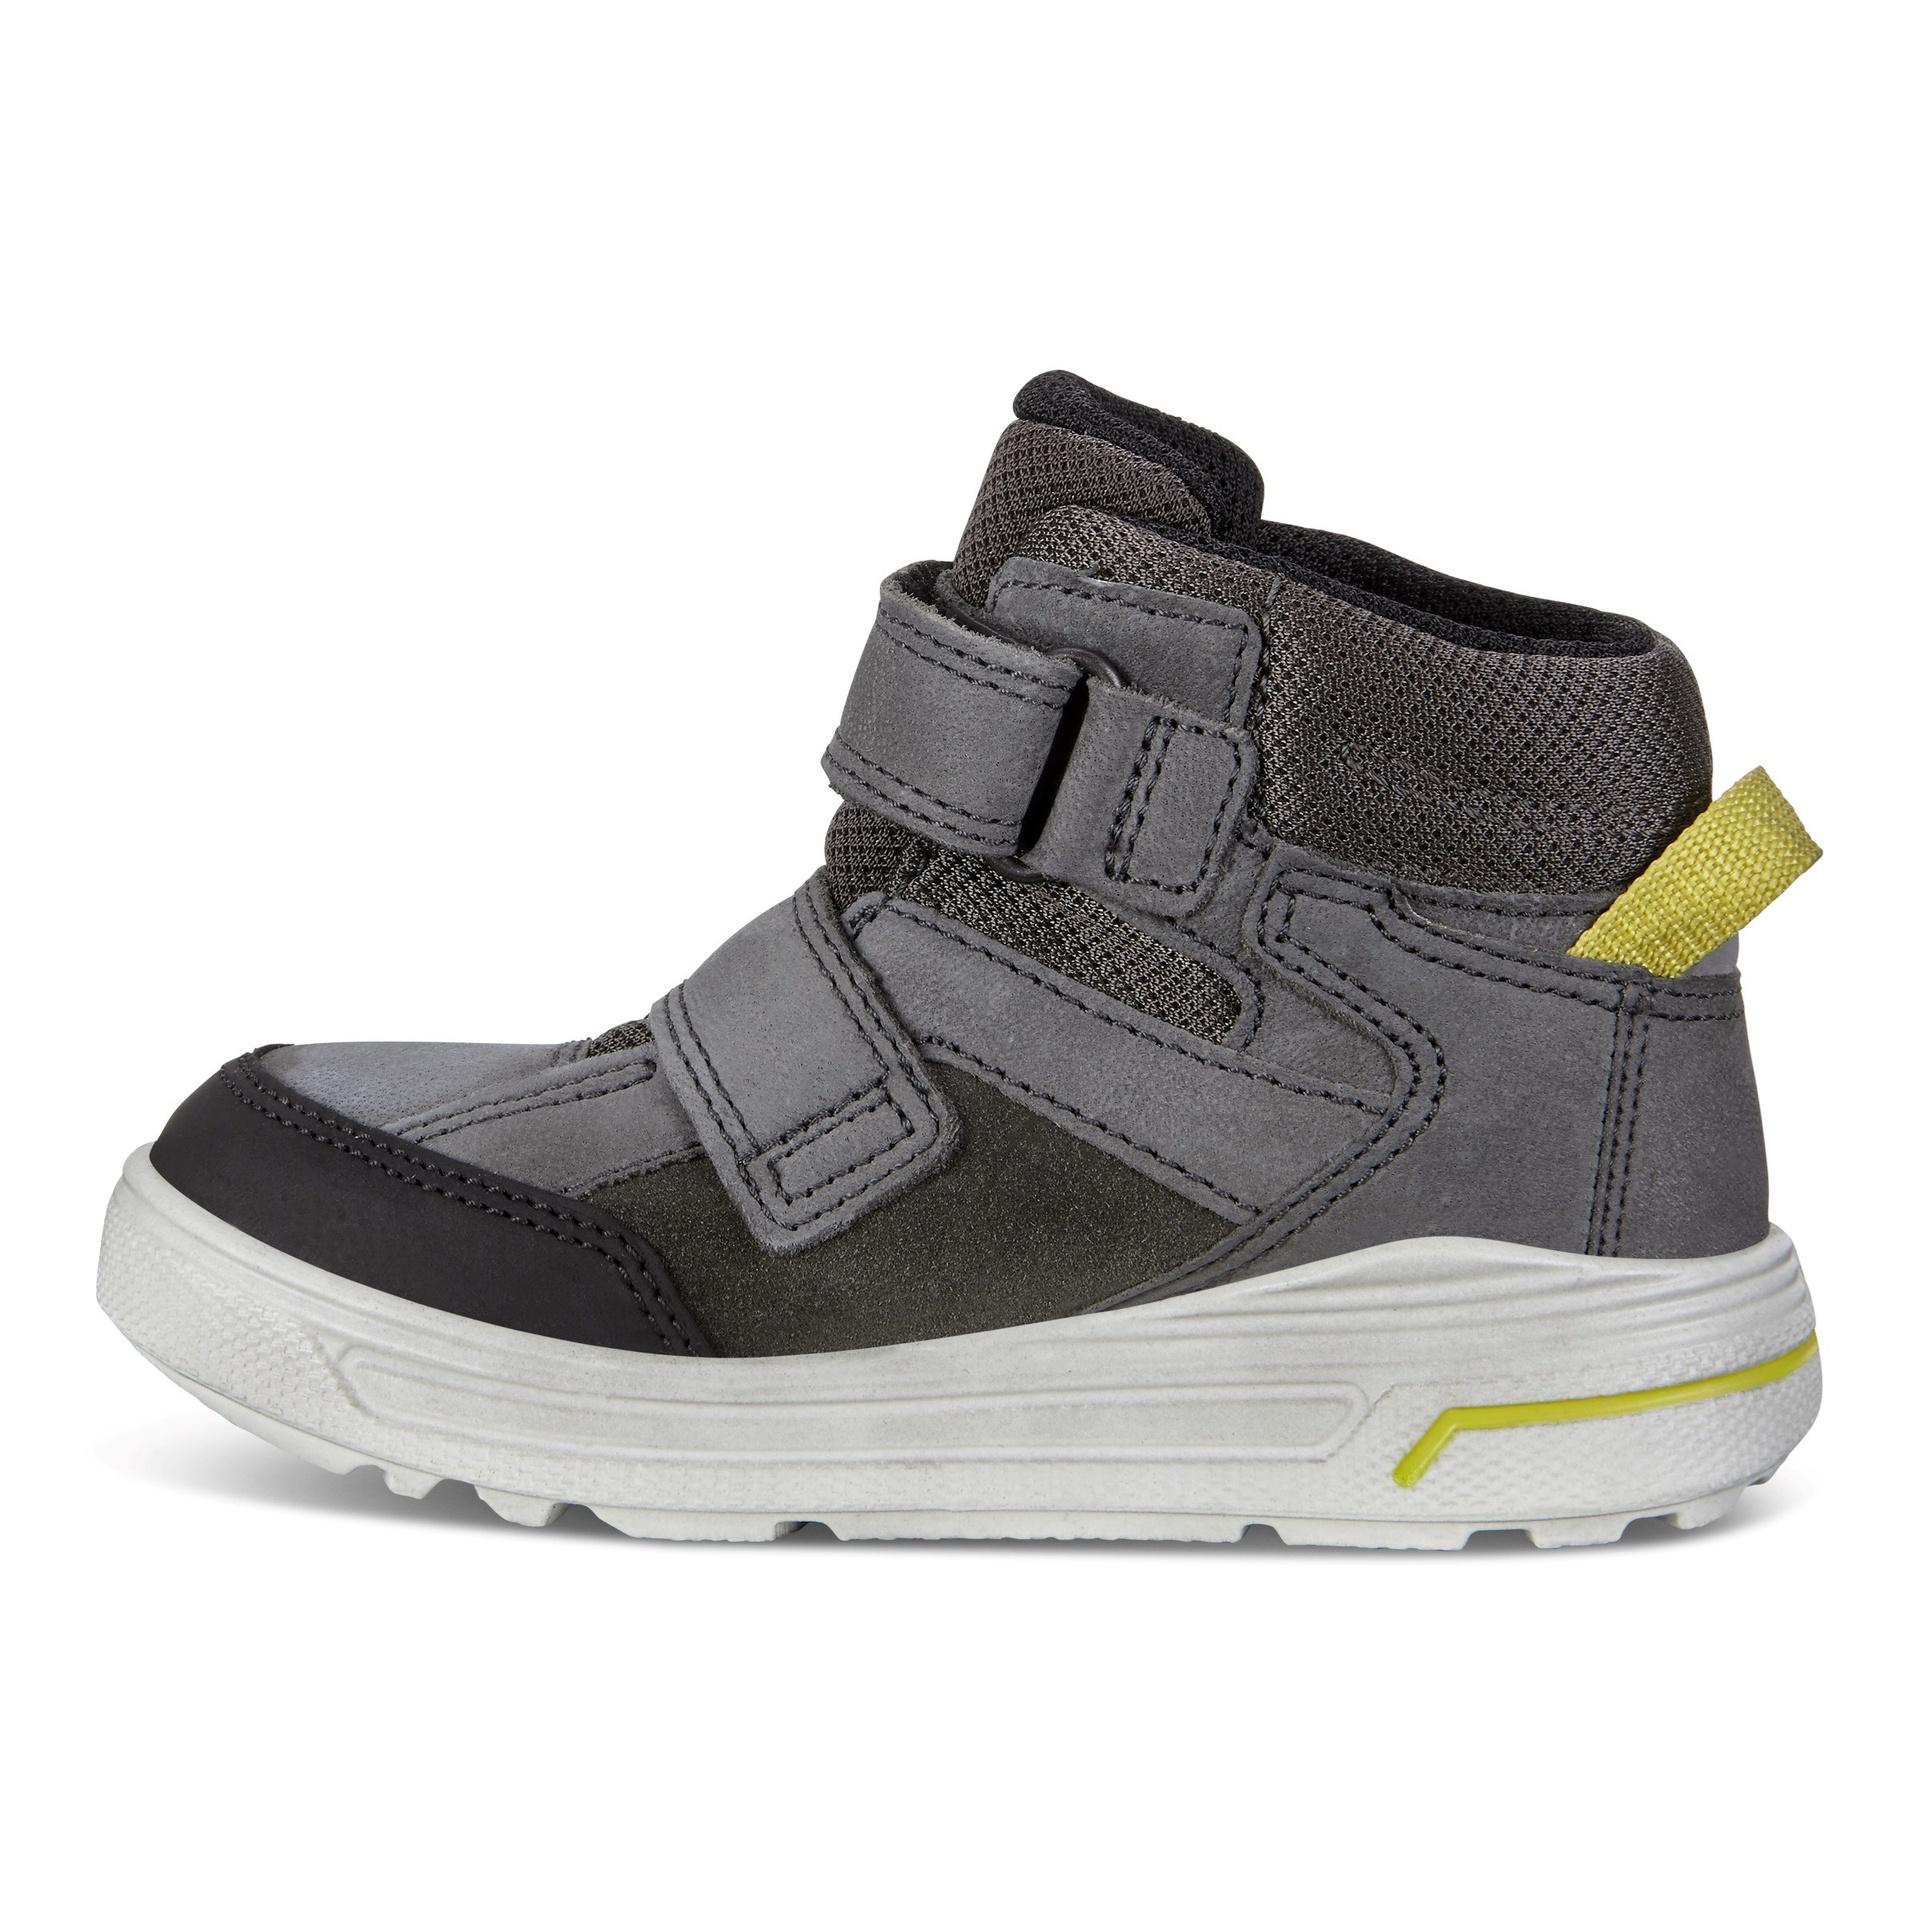 63a4139841842 Ecco Urban Snowboarder Black Dark Shadow Gortex Boot